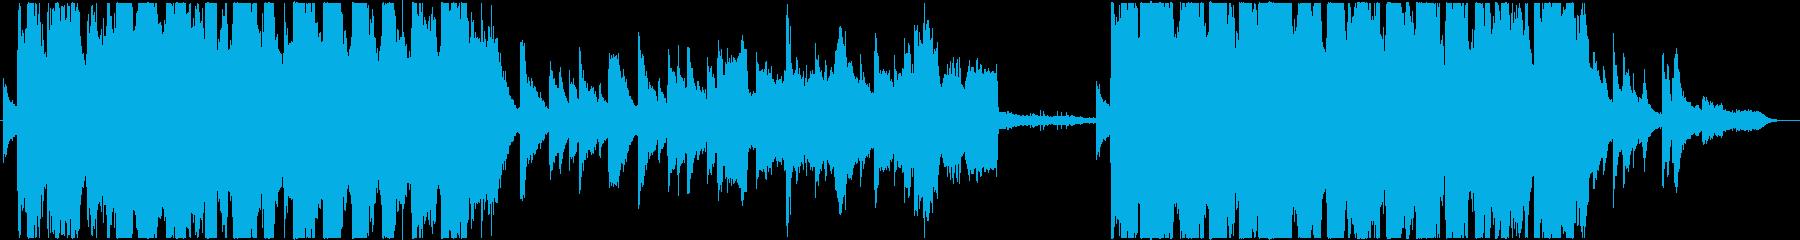 切ない雰囲気3拍子バラード/ピアノチェロの再生済みの波形